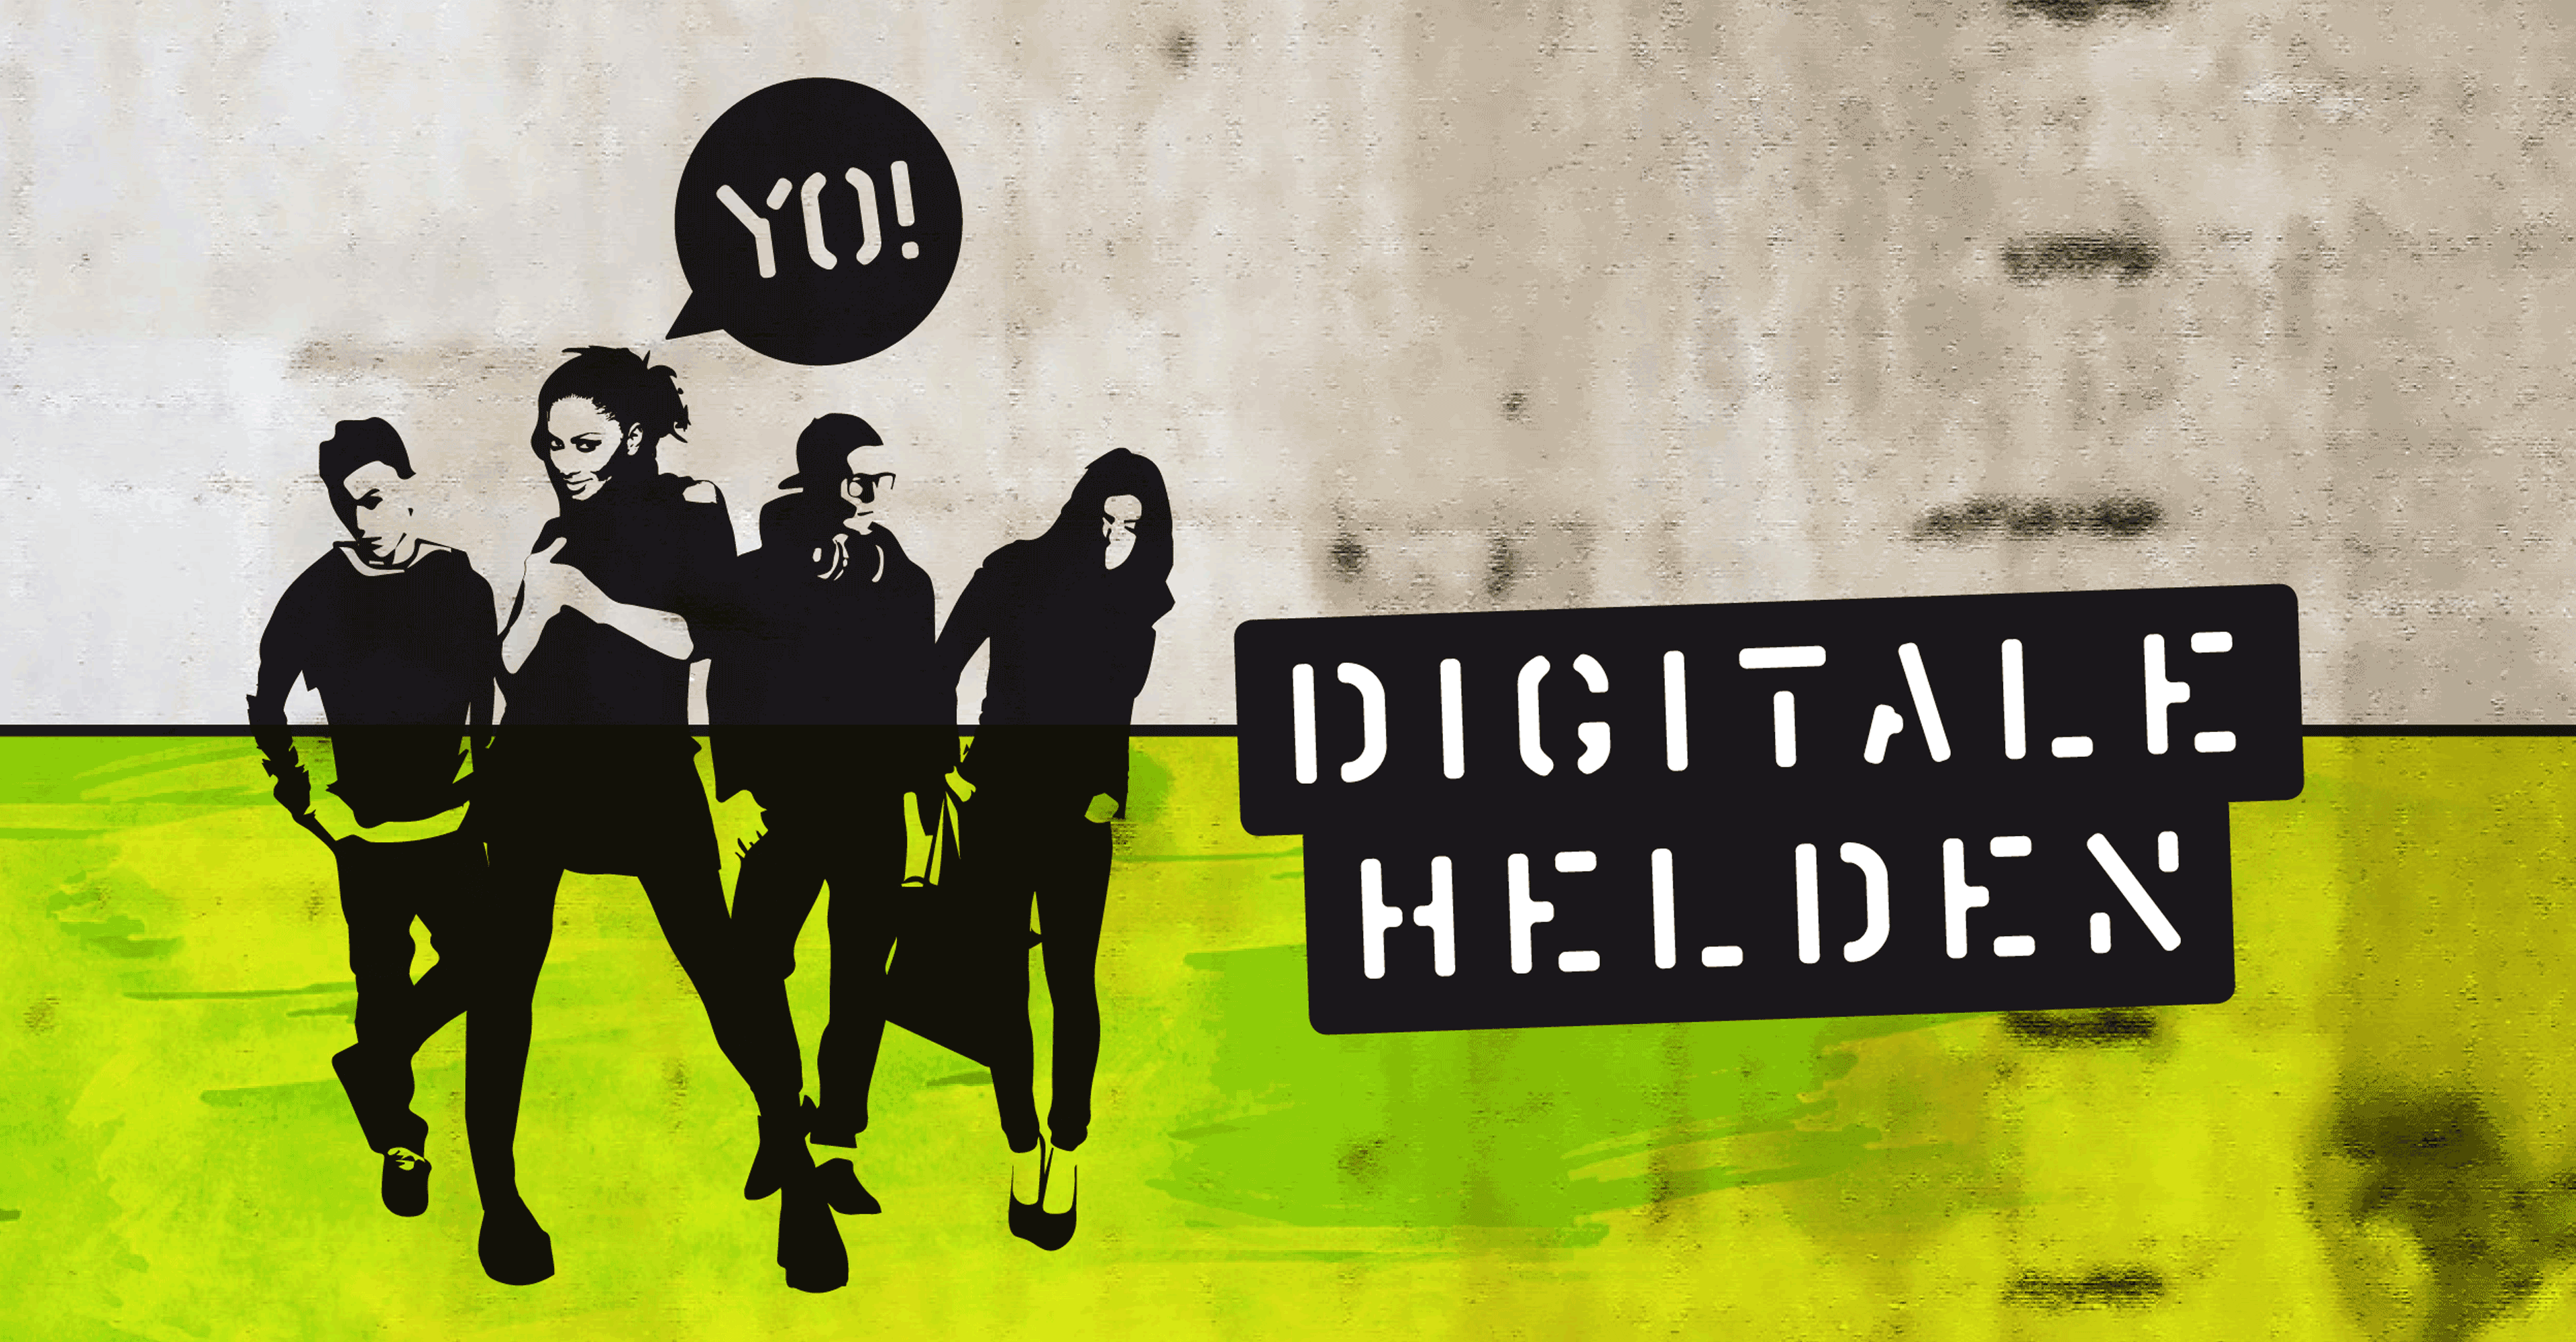 Digitale Helden   Digitalpakt Schule   Angebot Ihres Schulträgers ...